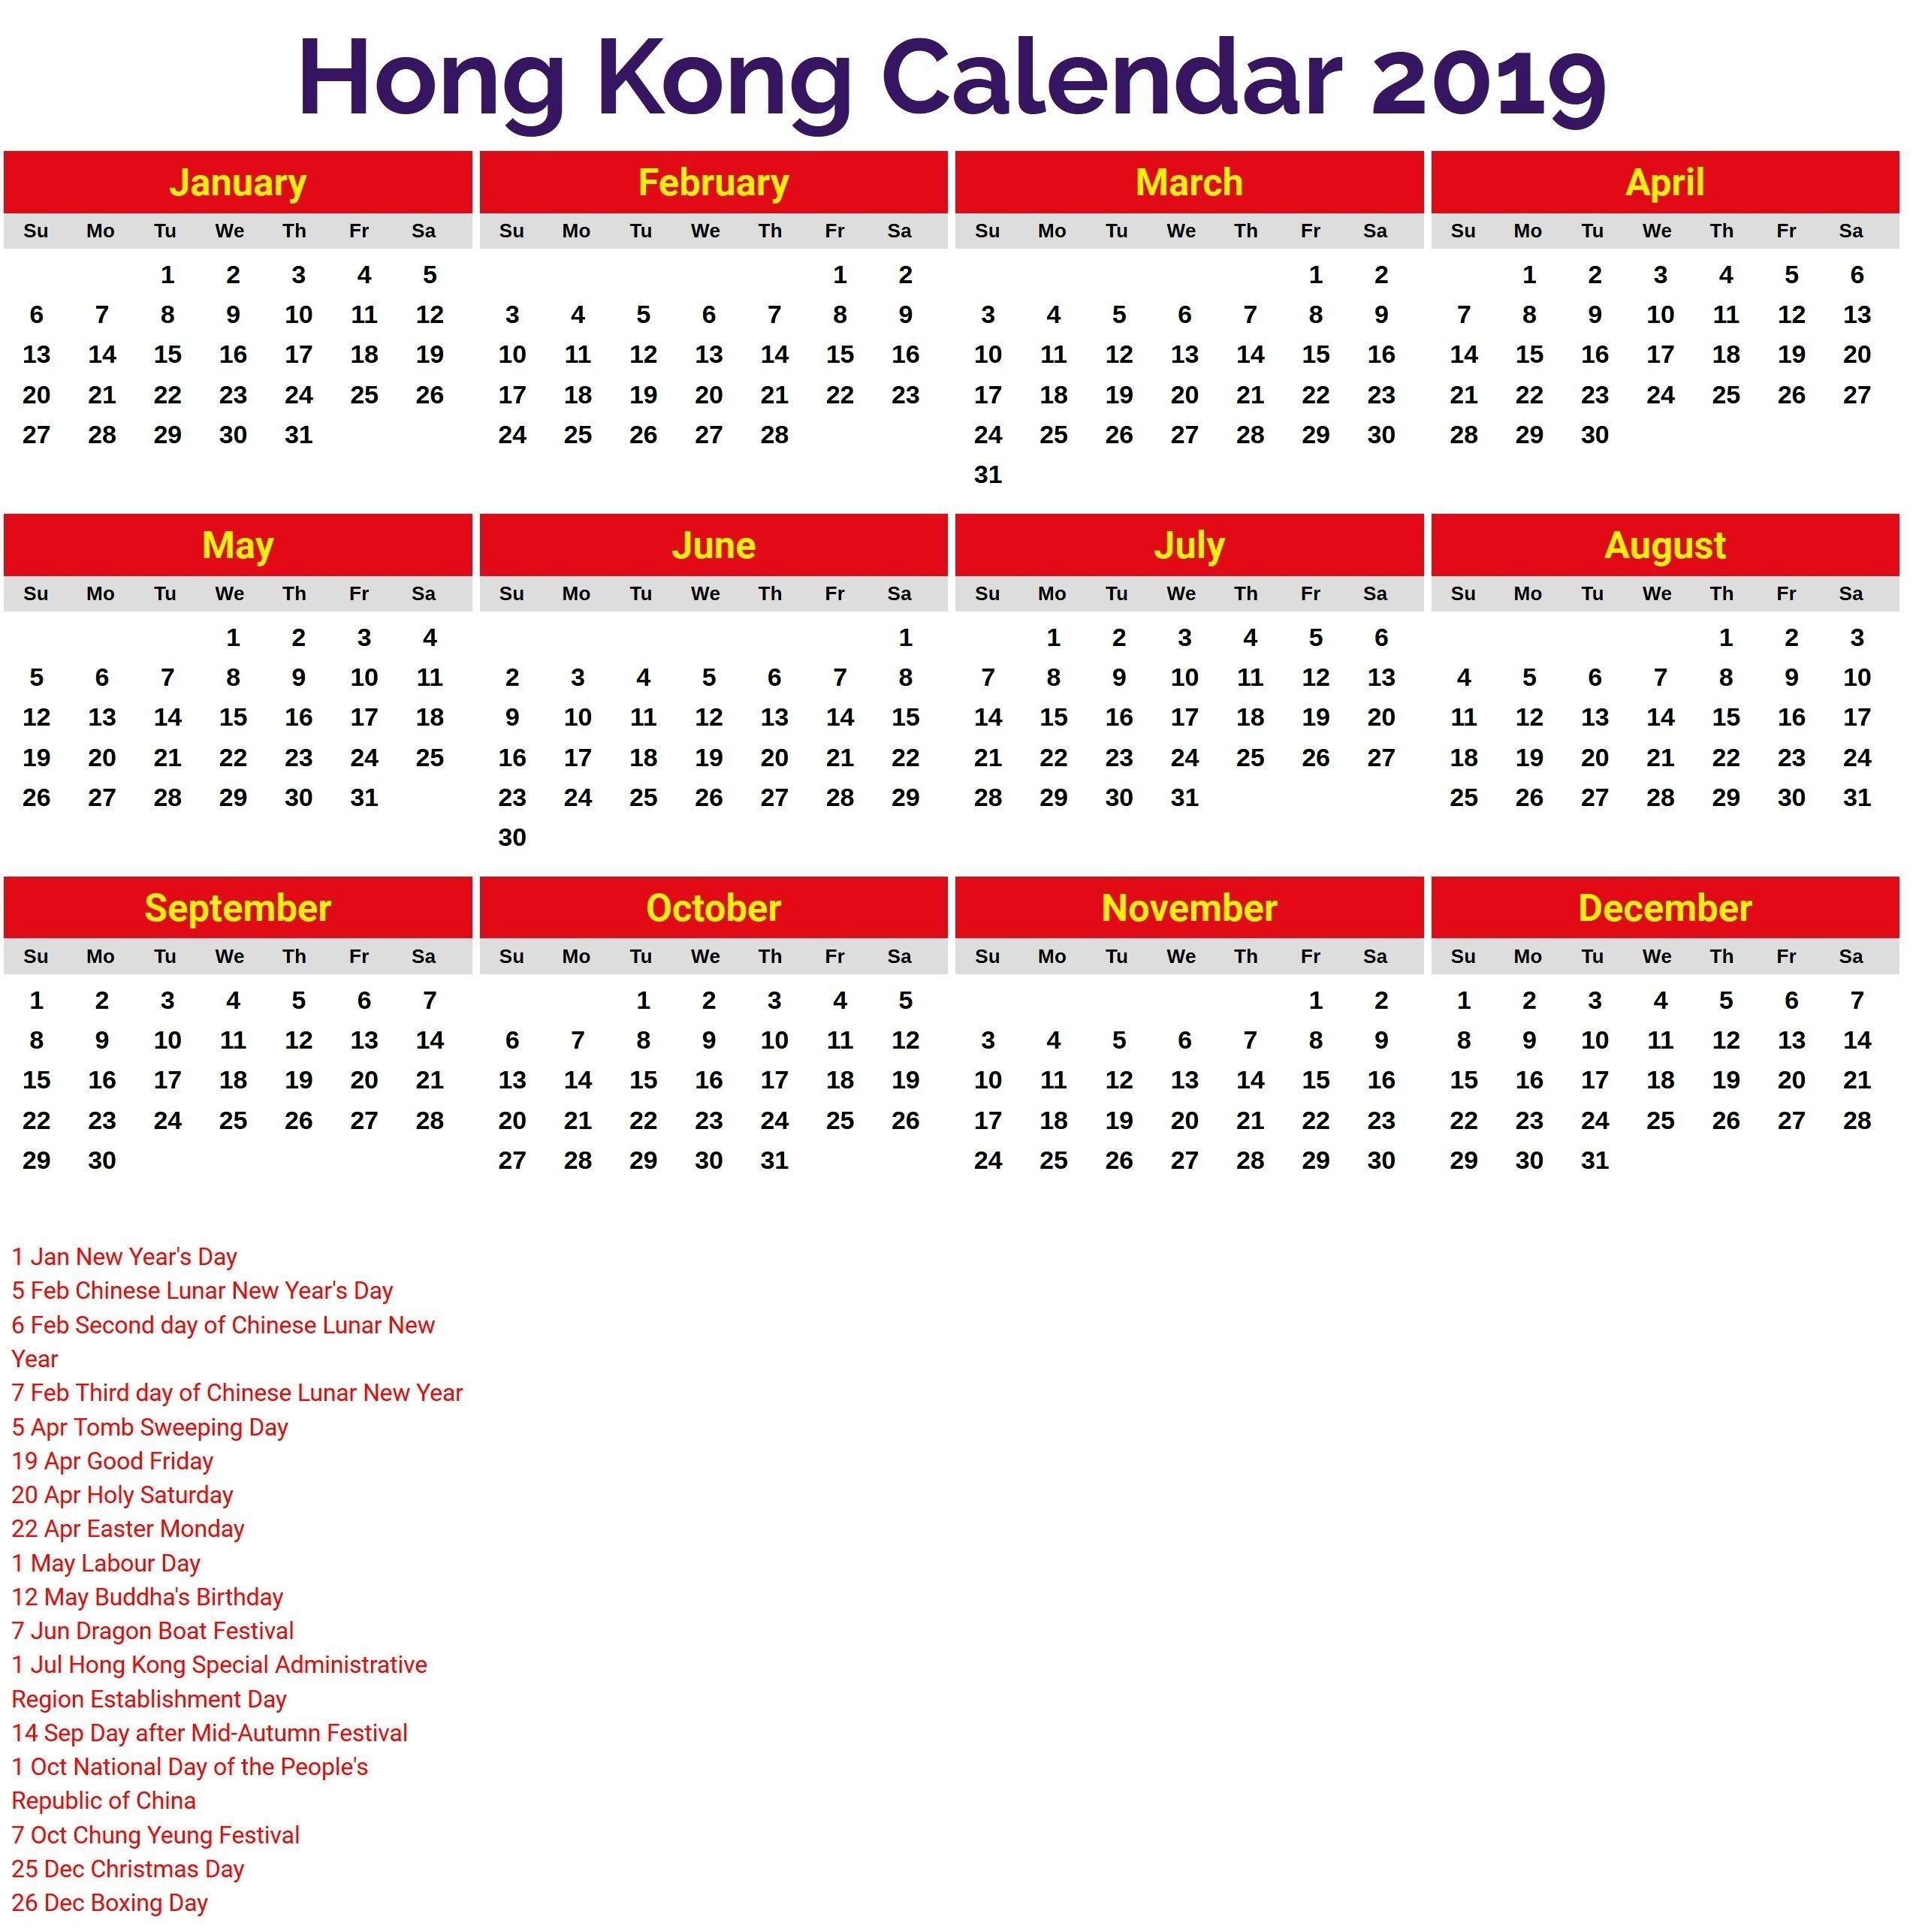 October 2019 Calendar Hong Kong | Calendar Template Etknlik Calendar 2019 Excel Hong Kong